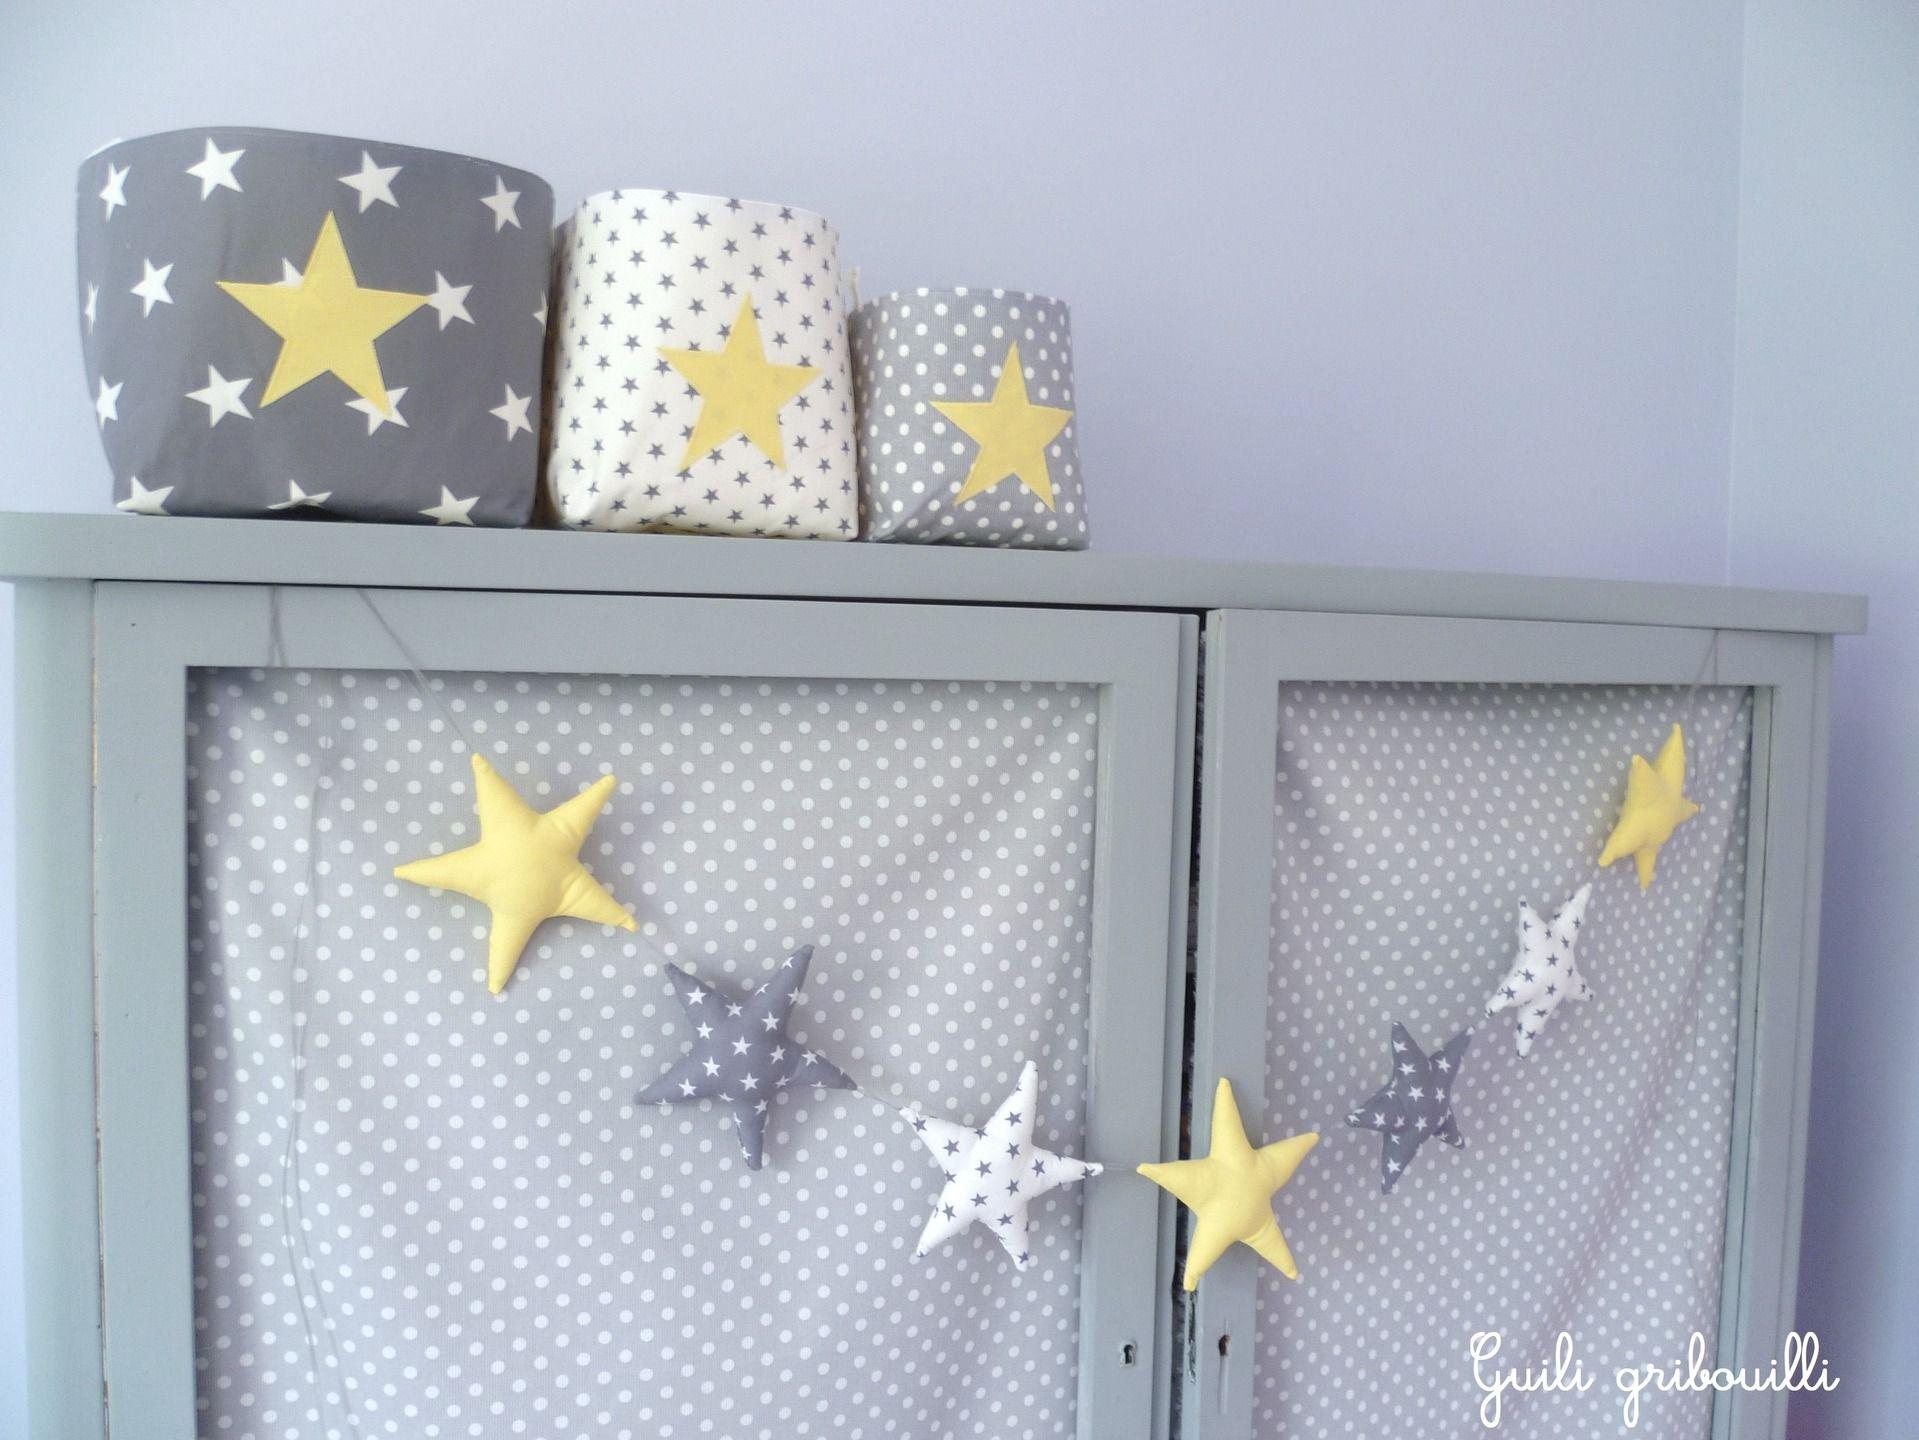 Guirlande d\'étoiles gris/ blanc/ jaune : Décoration pour enfants ...